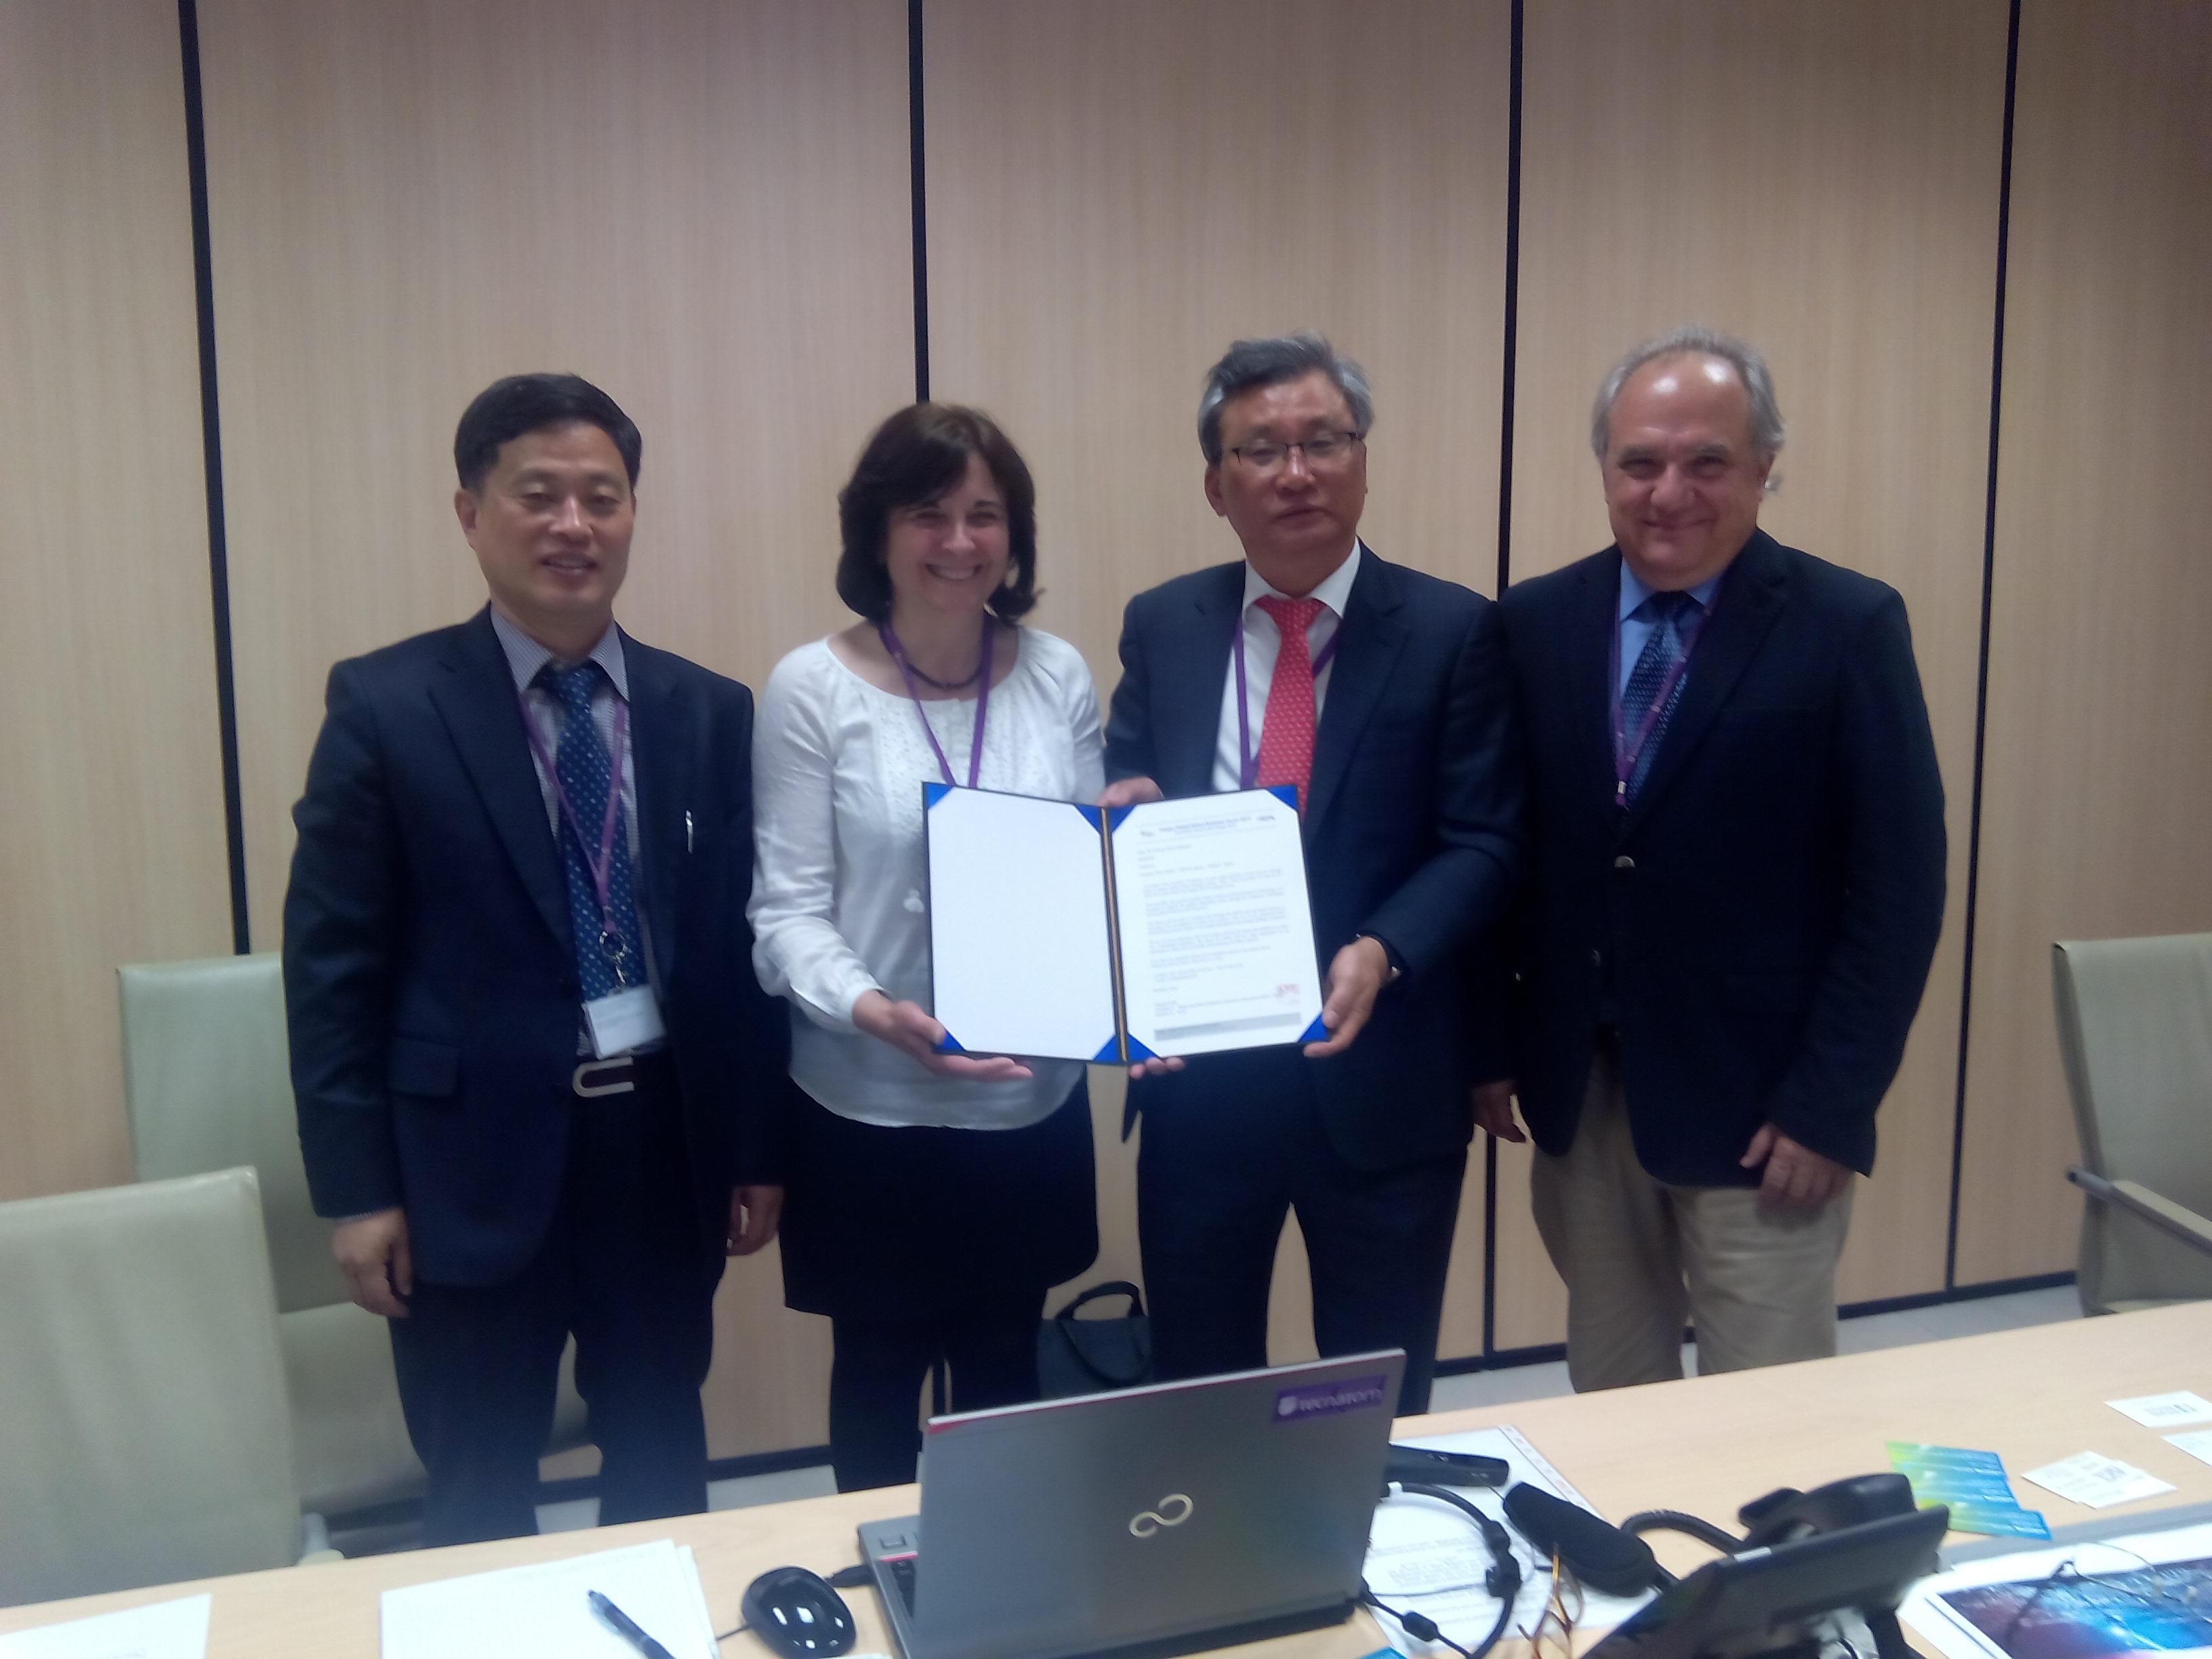 Encuentros con asociaciones internacionales de robótica en China y Corea